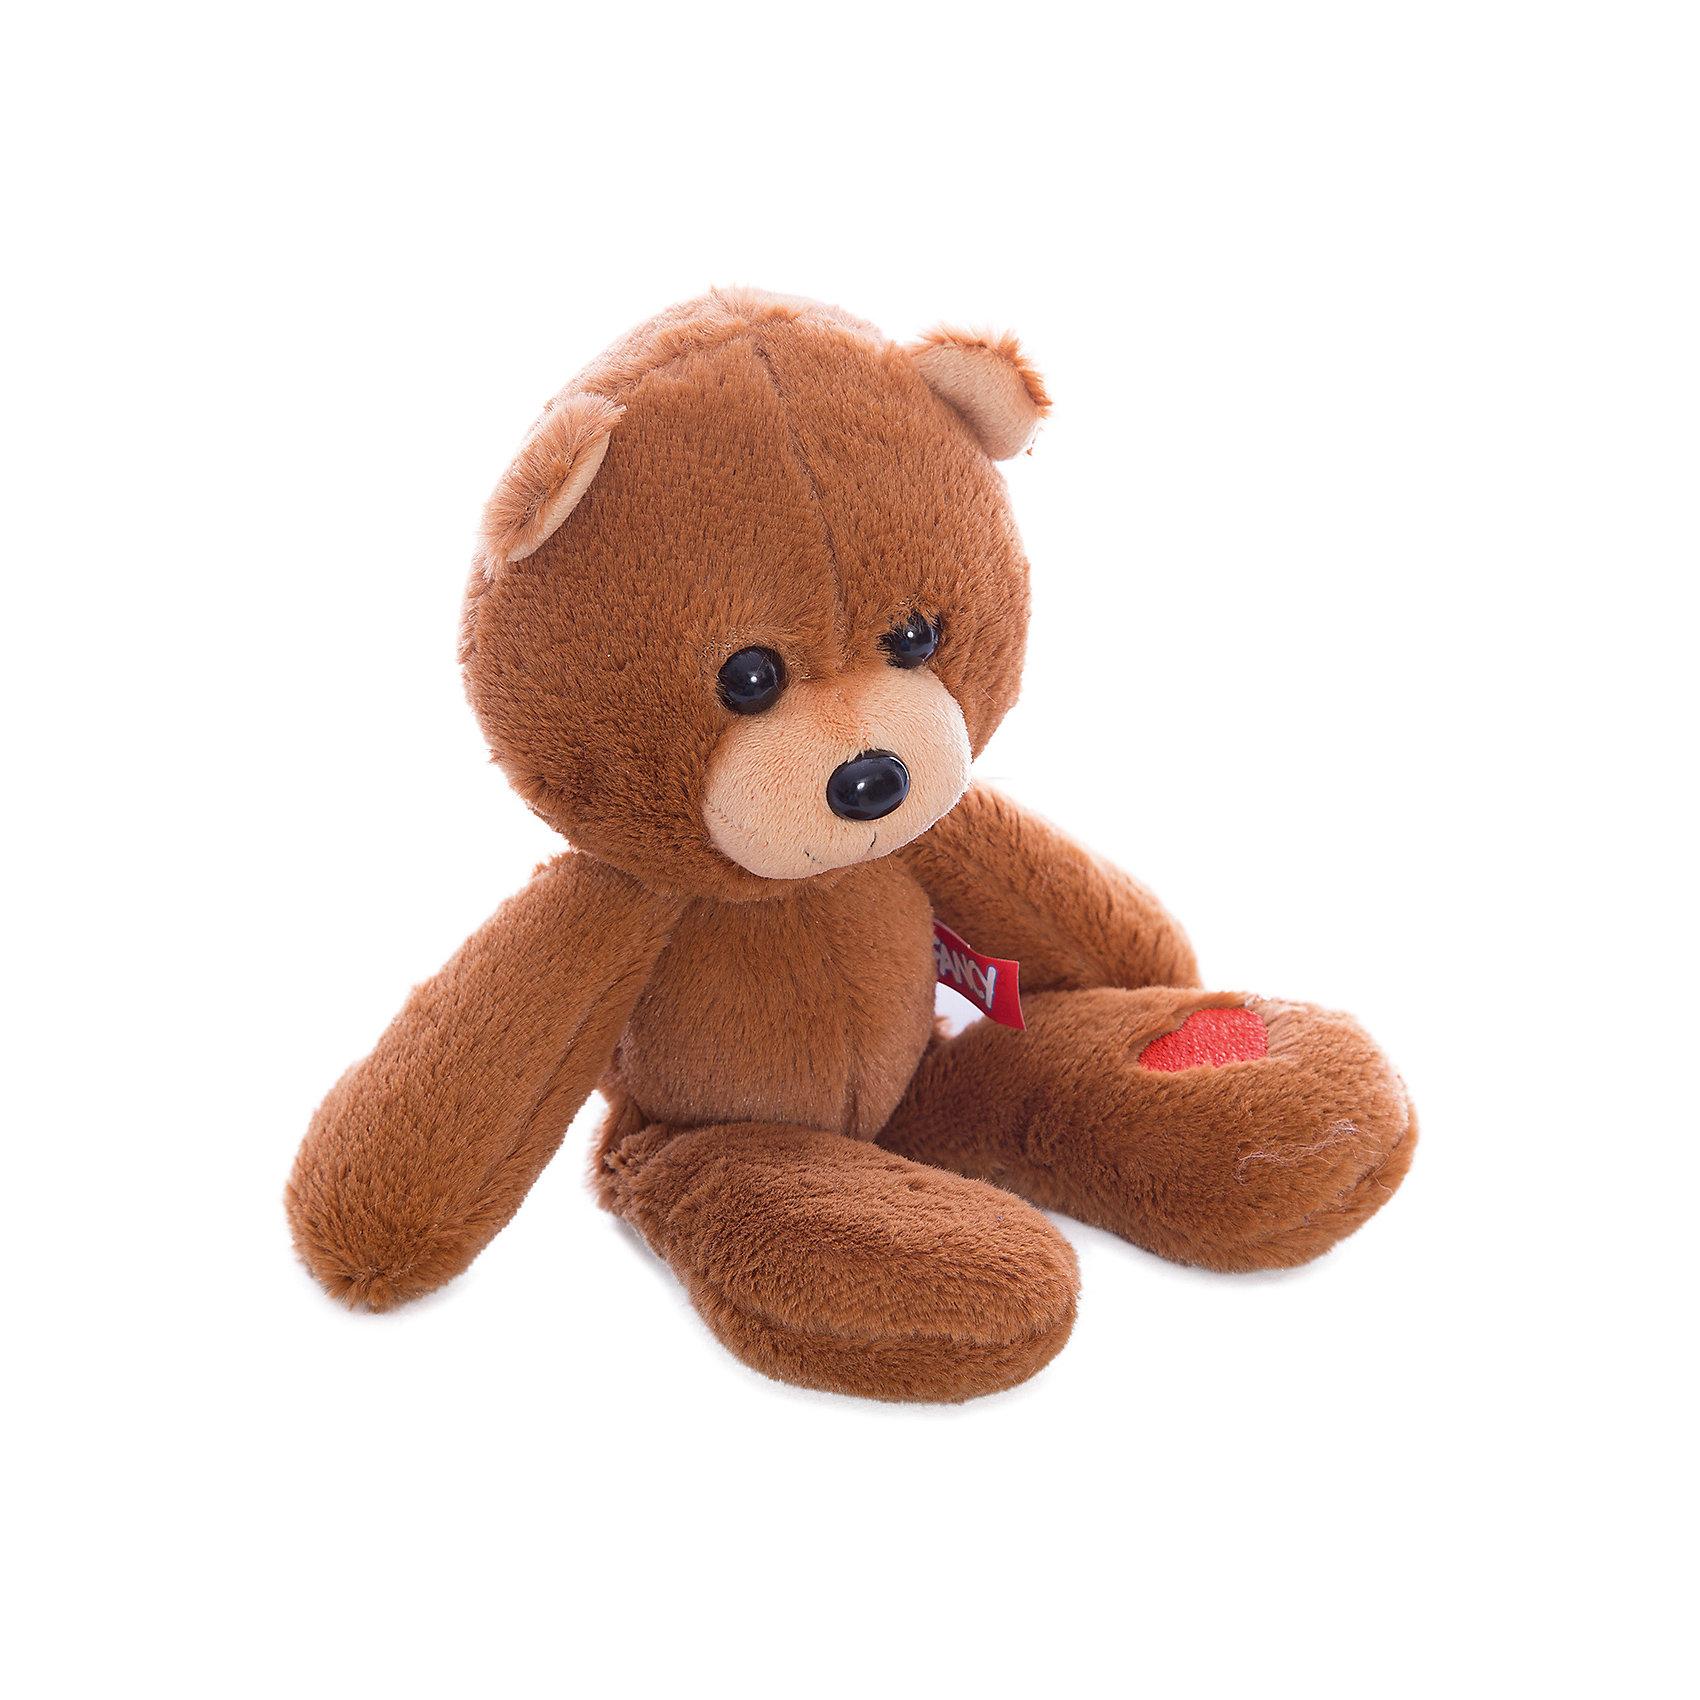 Мишка Бобо, FancyМедвежата<br>Милая игрушка мишка Бобо всегда будет с Вашим ребенком! С ним можно играть, спать или брать с собой на прогулку.<br>Порадуйте ребенка таким милым подарком!<br><br>Дополнительная информация: <br><br>- Возраст: от 3 лет.<br>- Материал: плюш, наполнитель, текстиль, пластик.<br>- Размер упаковки: 30.5х11.5х10 см.<br>- Вес в упаковке: 70 г.<br><br>Купить мишку Бобо от Fancy, можно в нашем магазине.<br><br>Ширина мм: 305<br>Глубина мм: 115<br>Высота мм: 100<br>Вес г: 70<br>Возраст от месяцев: 36<br>Возраст до месяцев: 2147483647<br>Пол: Унисекс<br>Возраст: Детский<br>SKU: 5025381